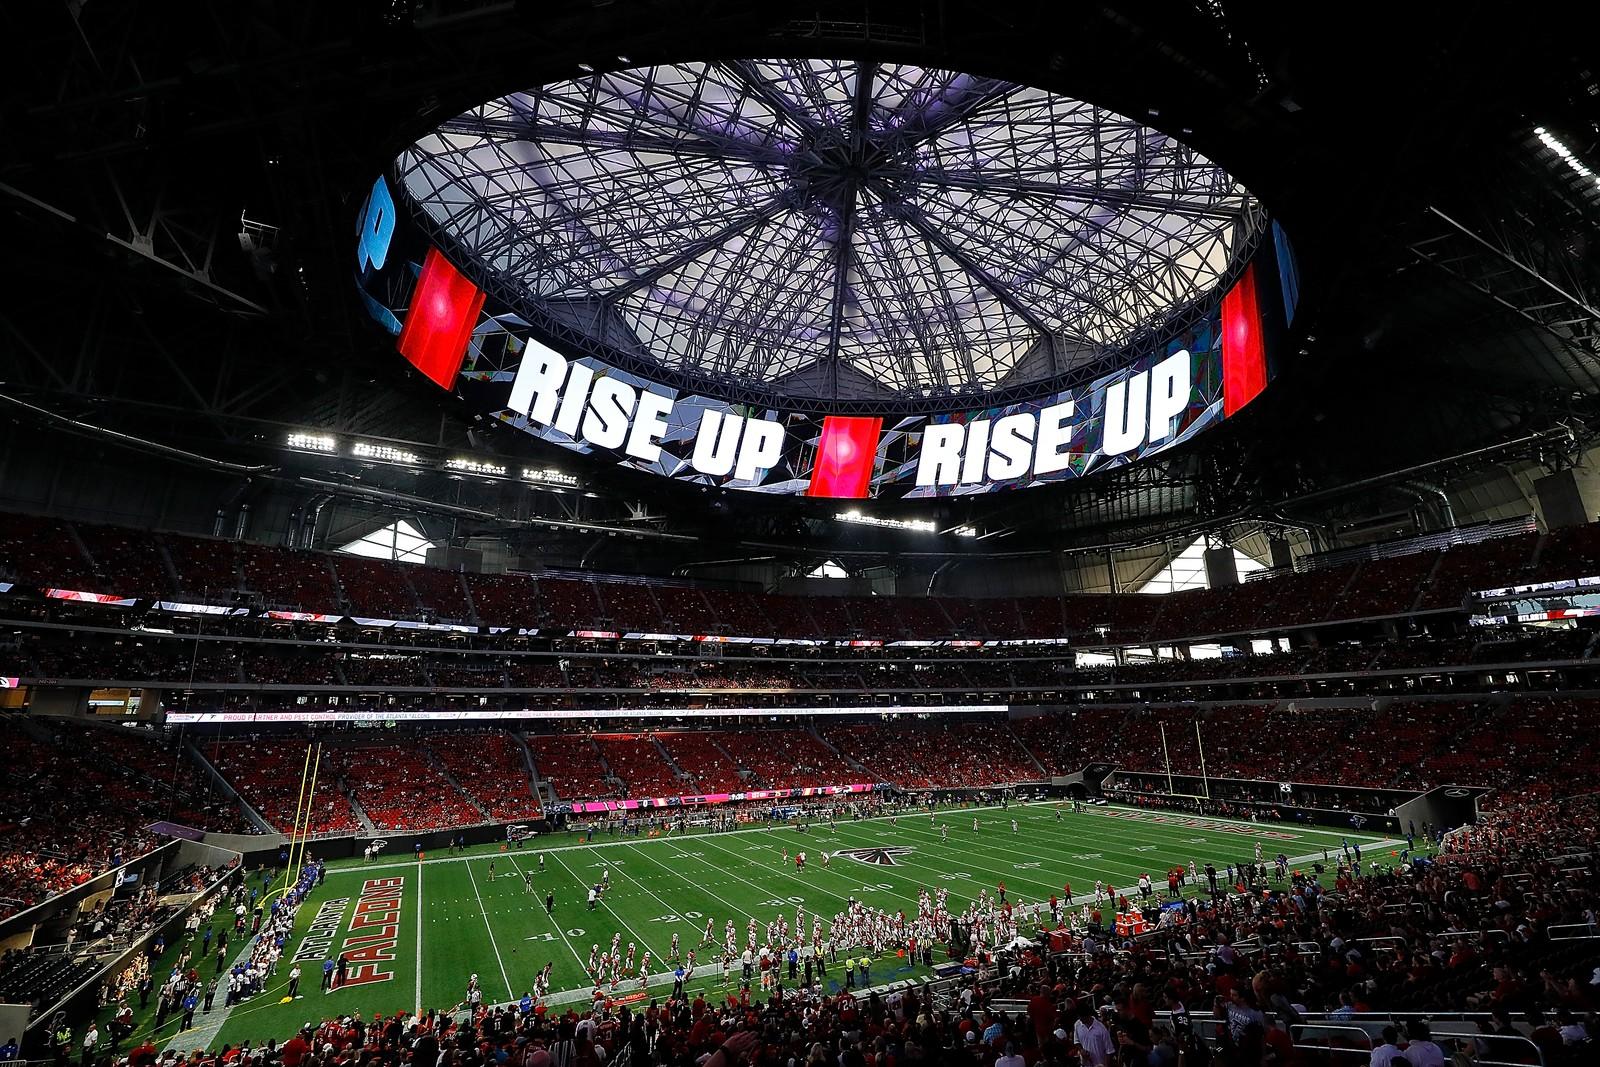 Estádio novo dos Falcons